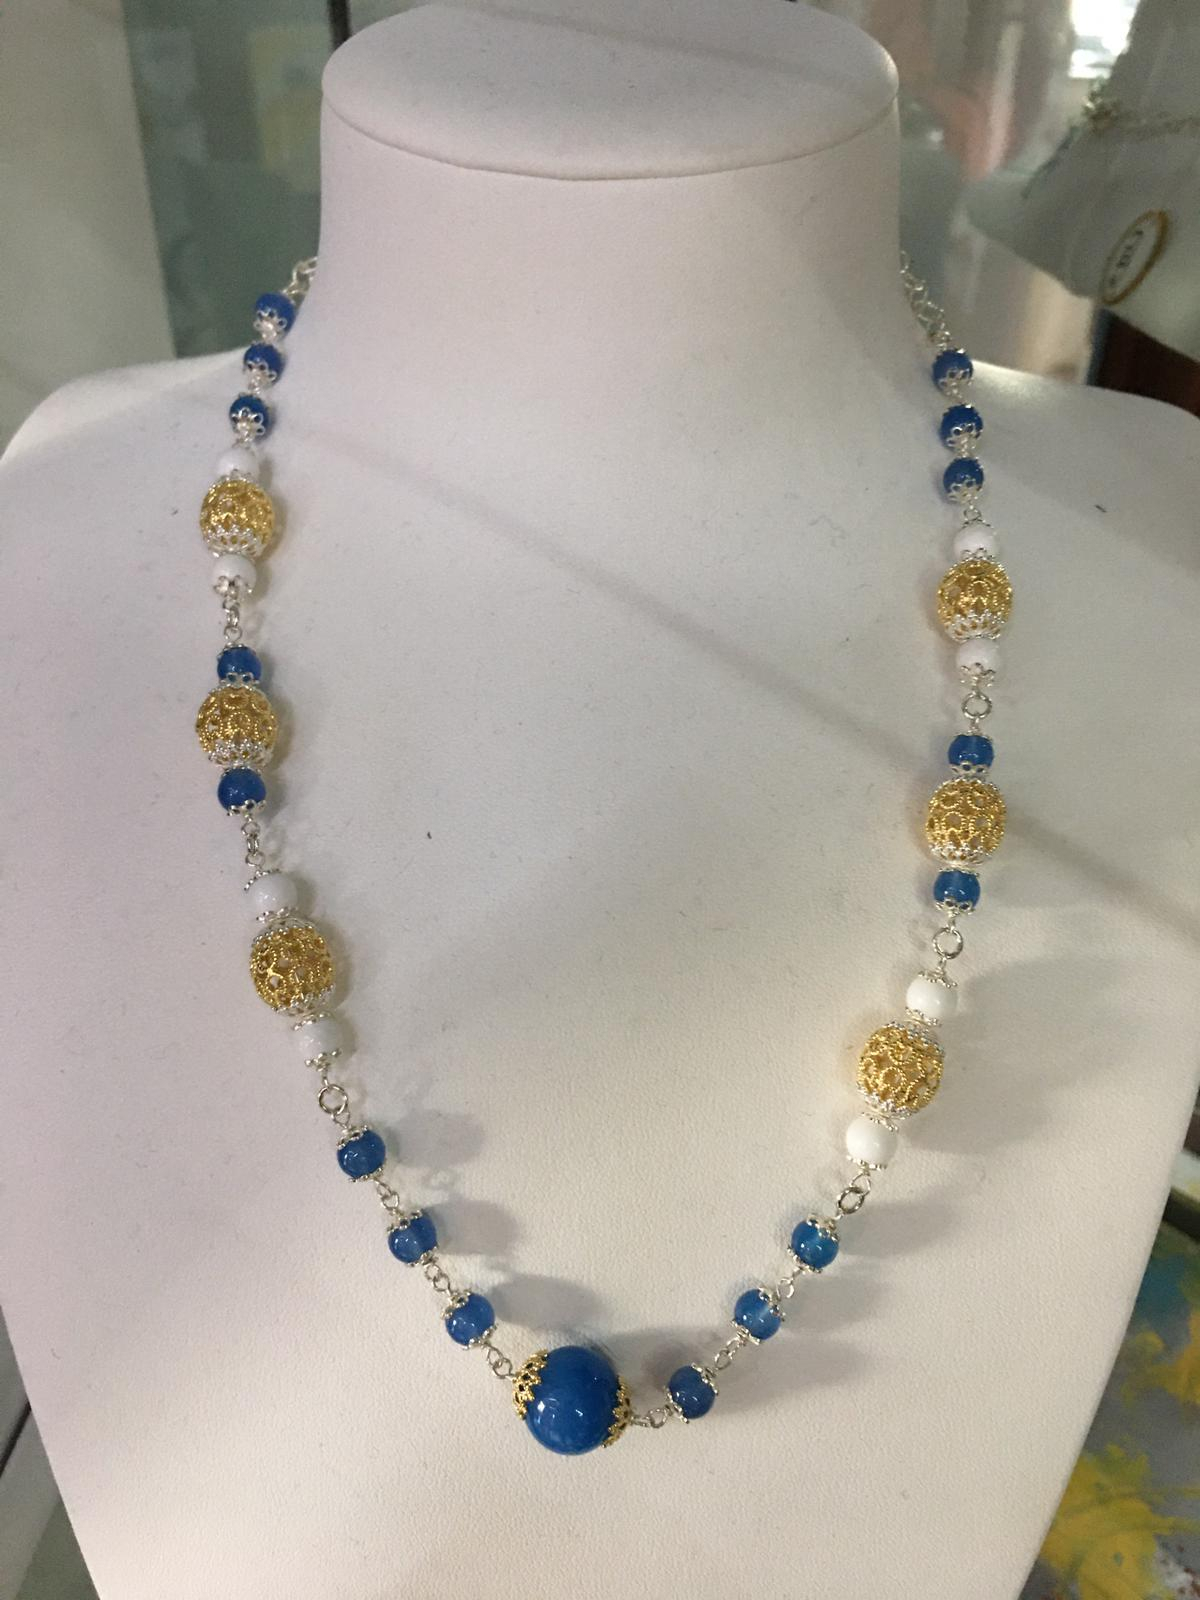 collana in filigrana in argento con agata bianca e azzurra